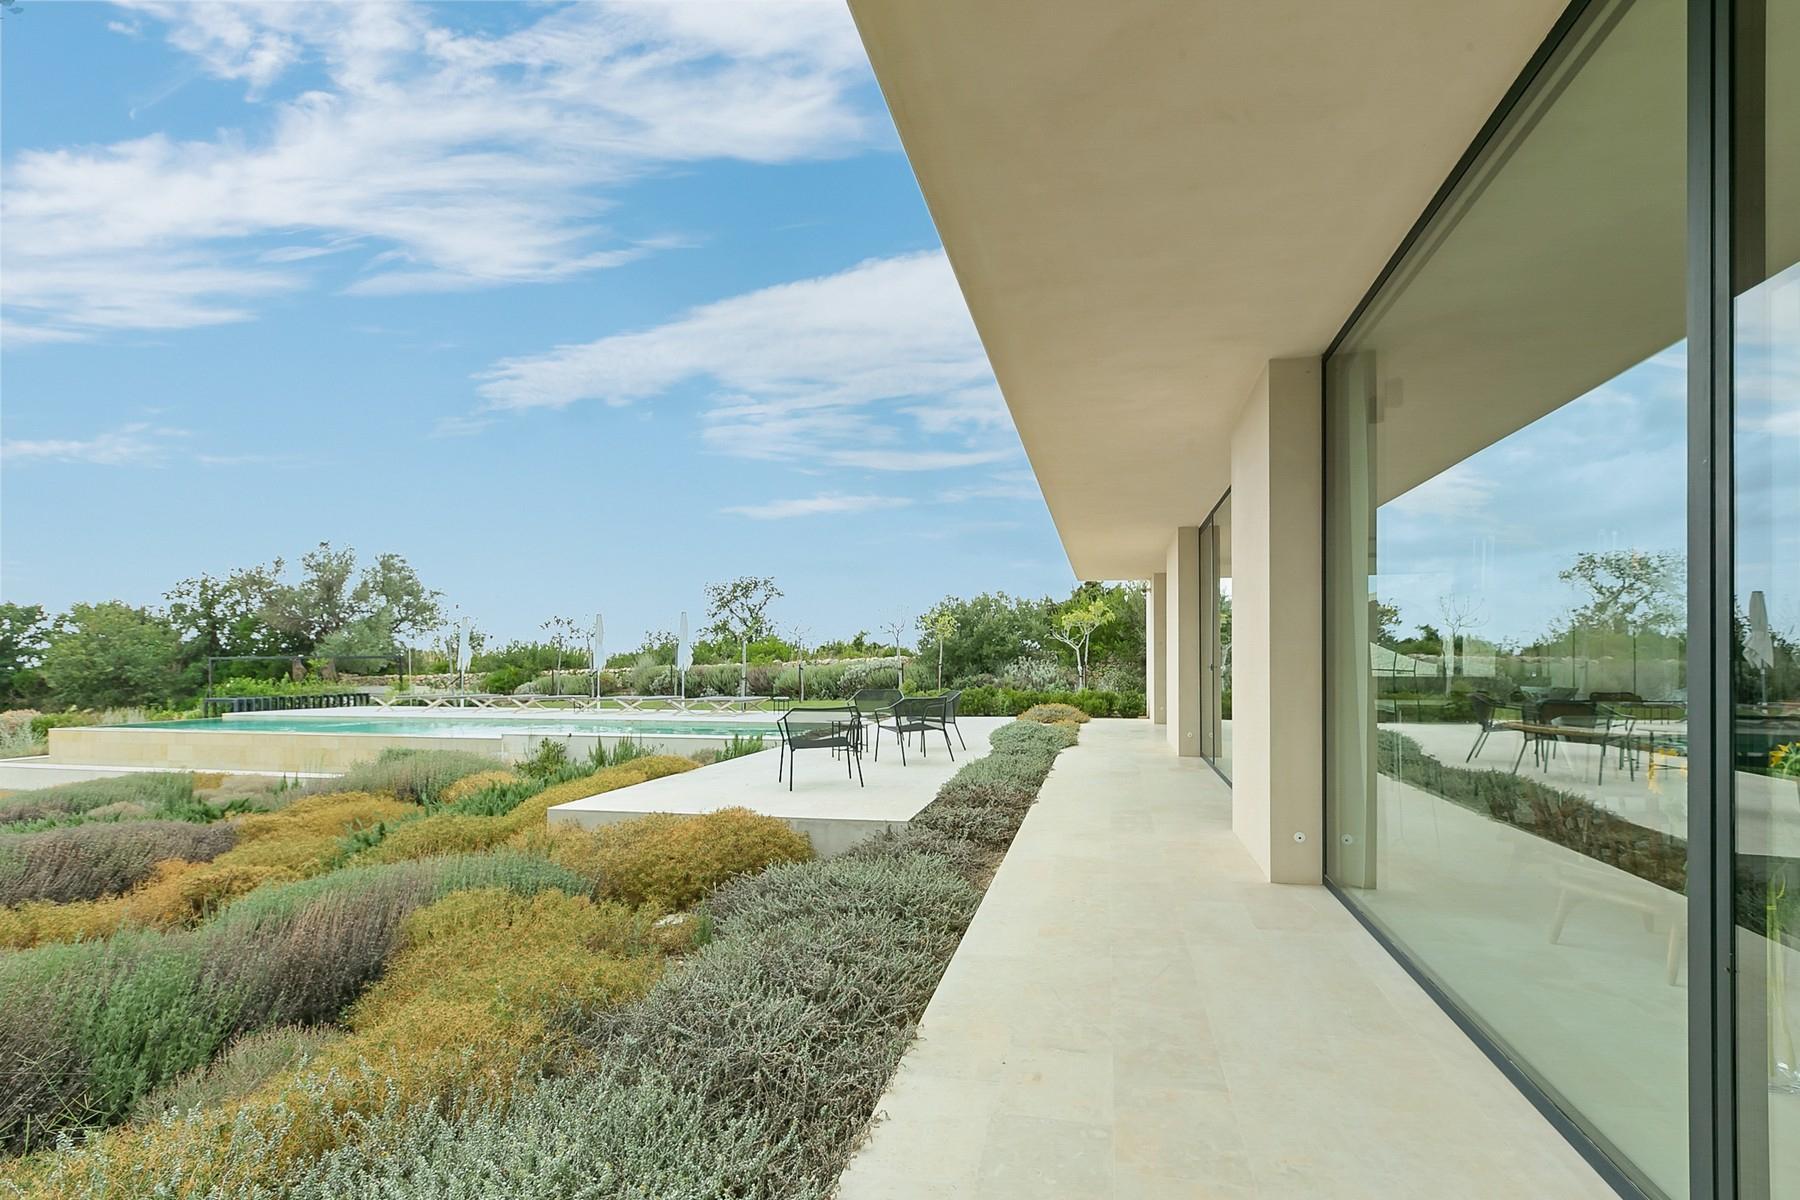 拥有游泳池和附属建筑当代设计的别墅 - 28